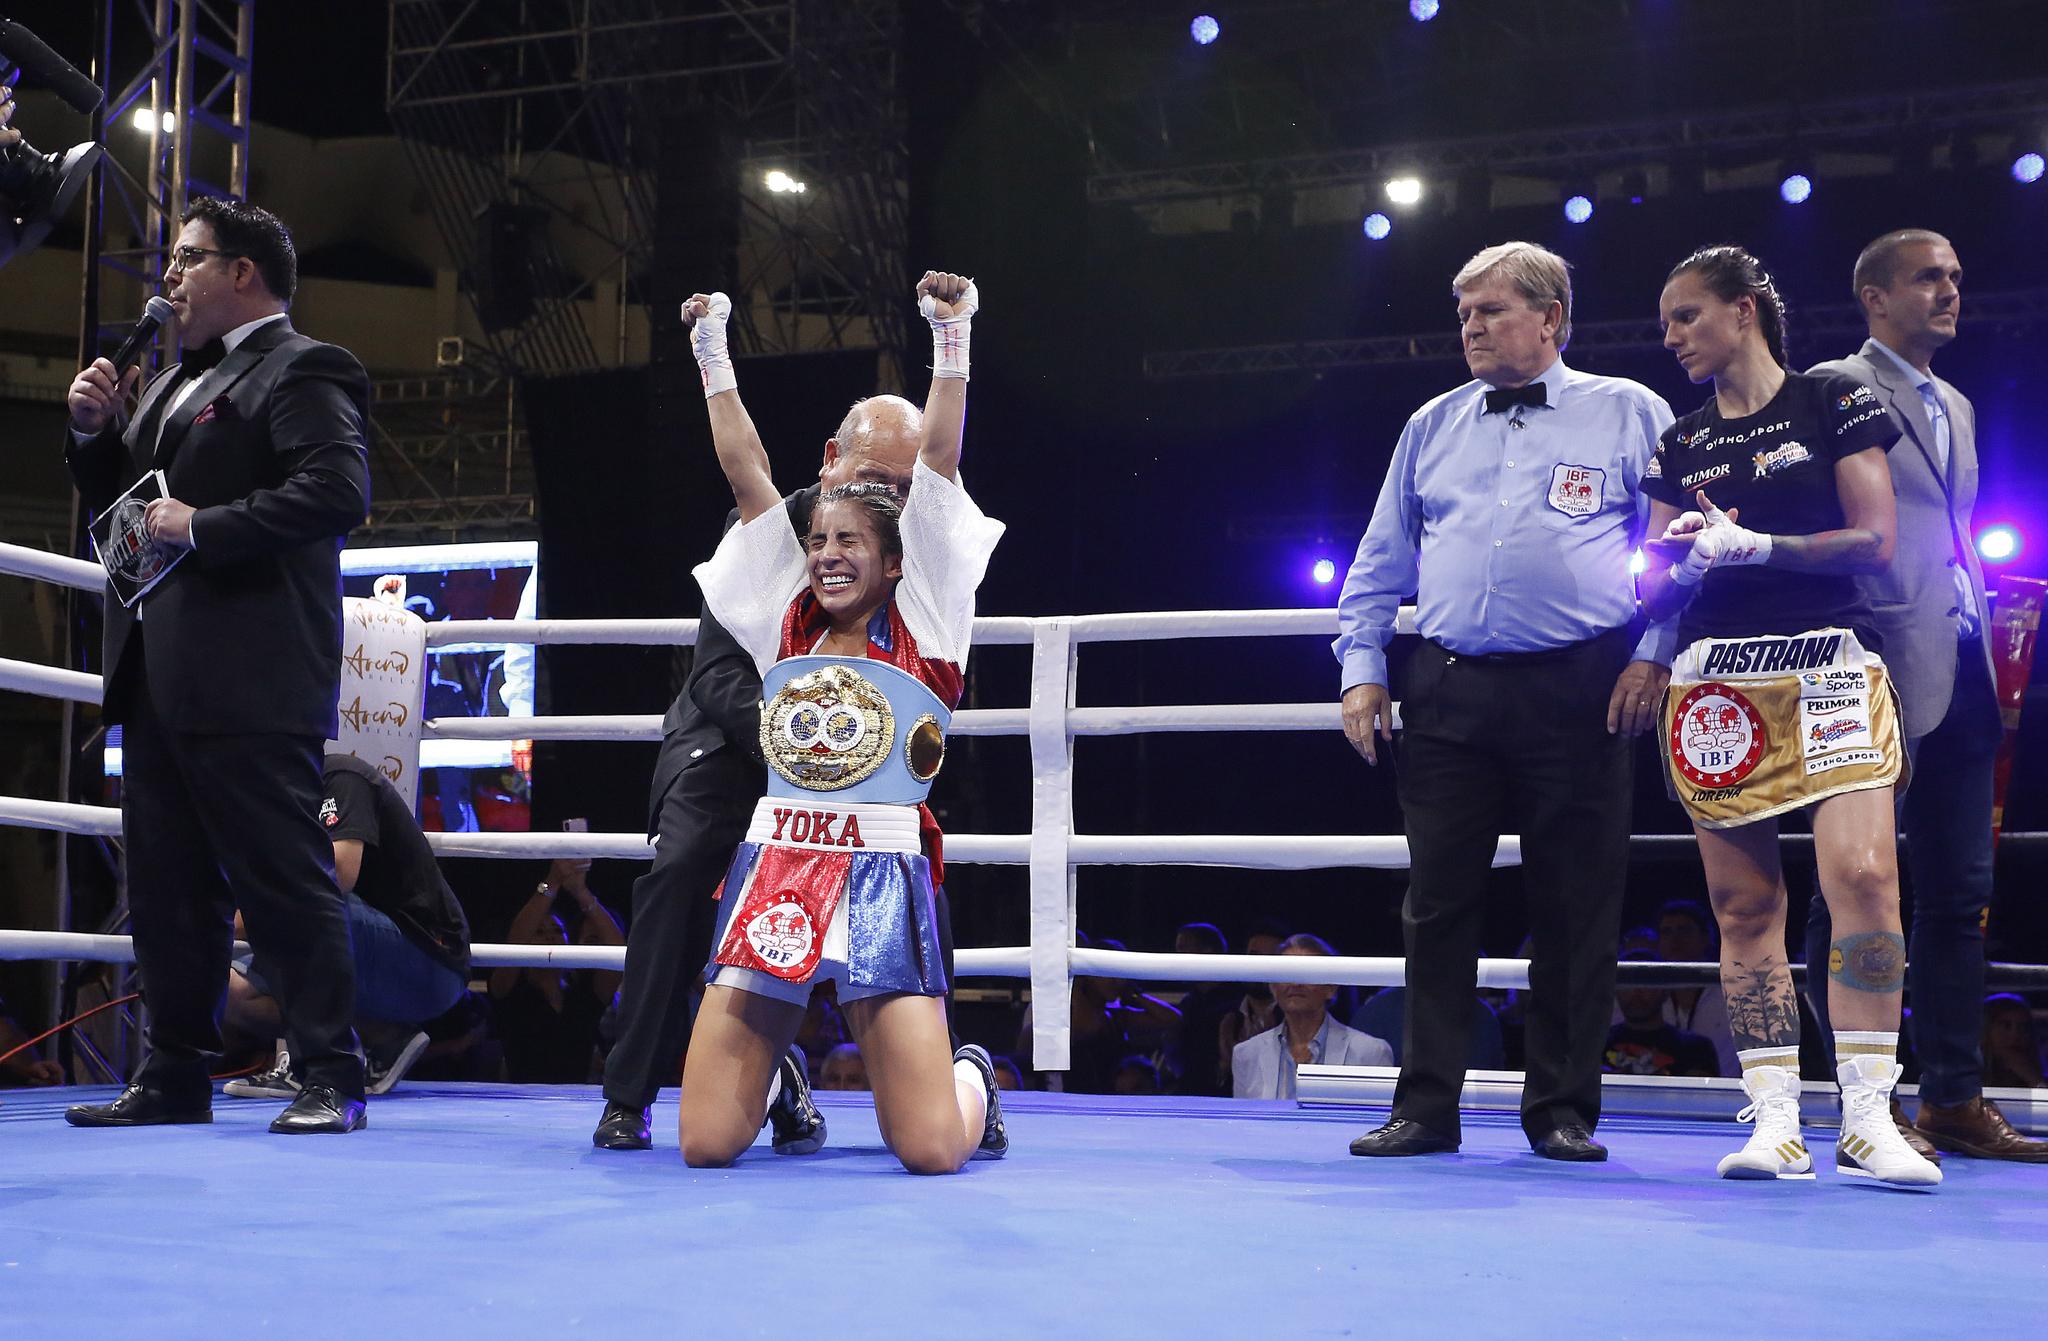 Joana Pastrana Pierde Su Corona Mundial De Boxeo Ante: Boxeo: Joana Pastrana Pierde A Los Puntos Su Título